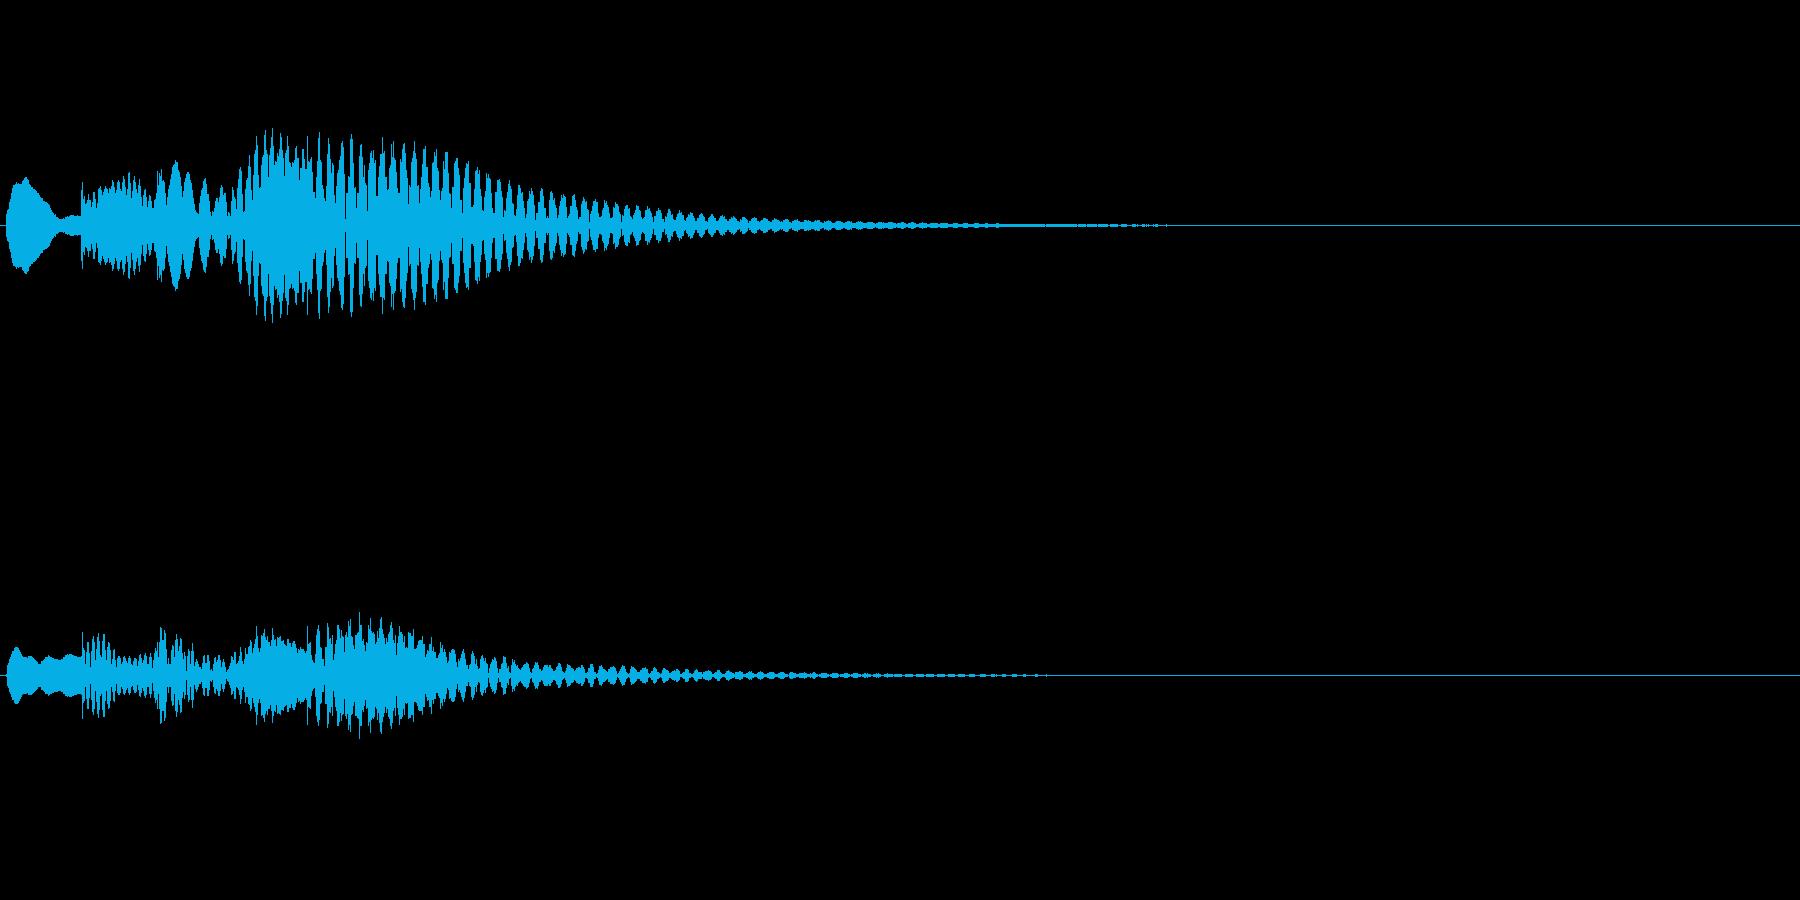 アプリやゲーム、マリンバ、起動音、下降2の再生済みの波形